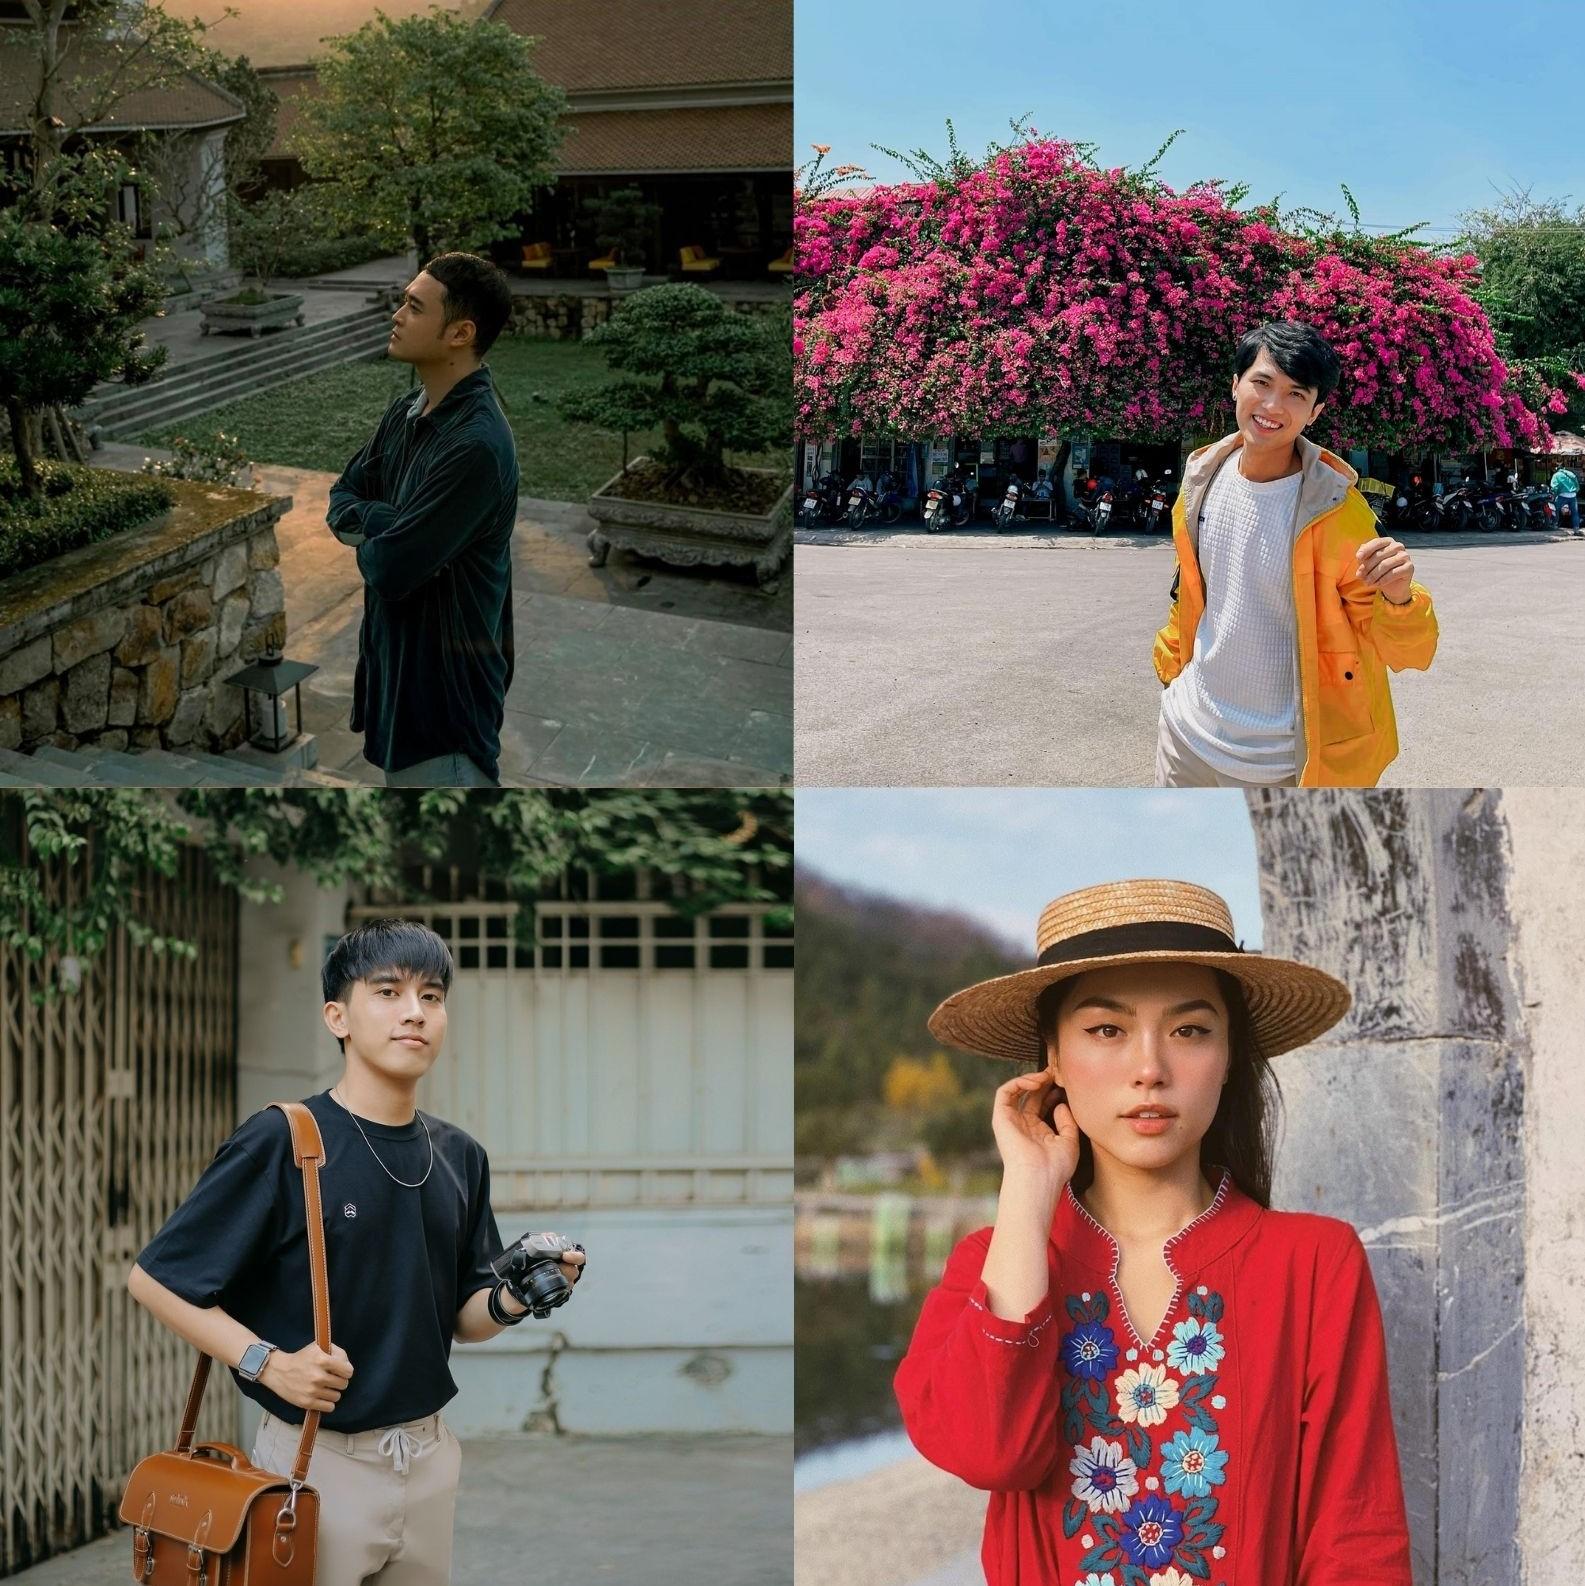 Áp dụng ngay những tips chụp ảnh xịn xò của các Kols, micro influencers này để có bộ ảnh du lịch để đời